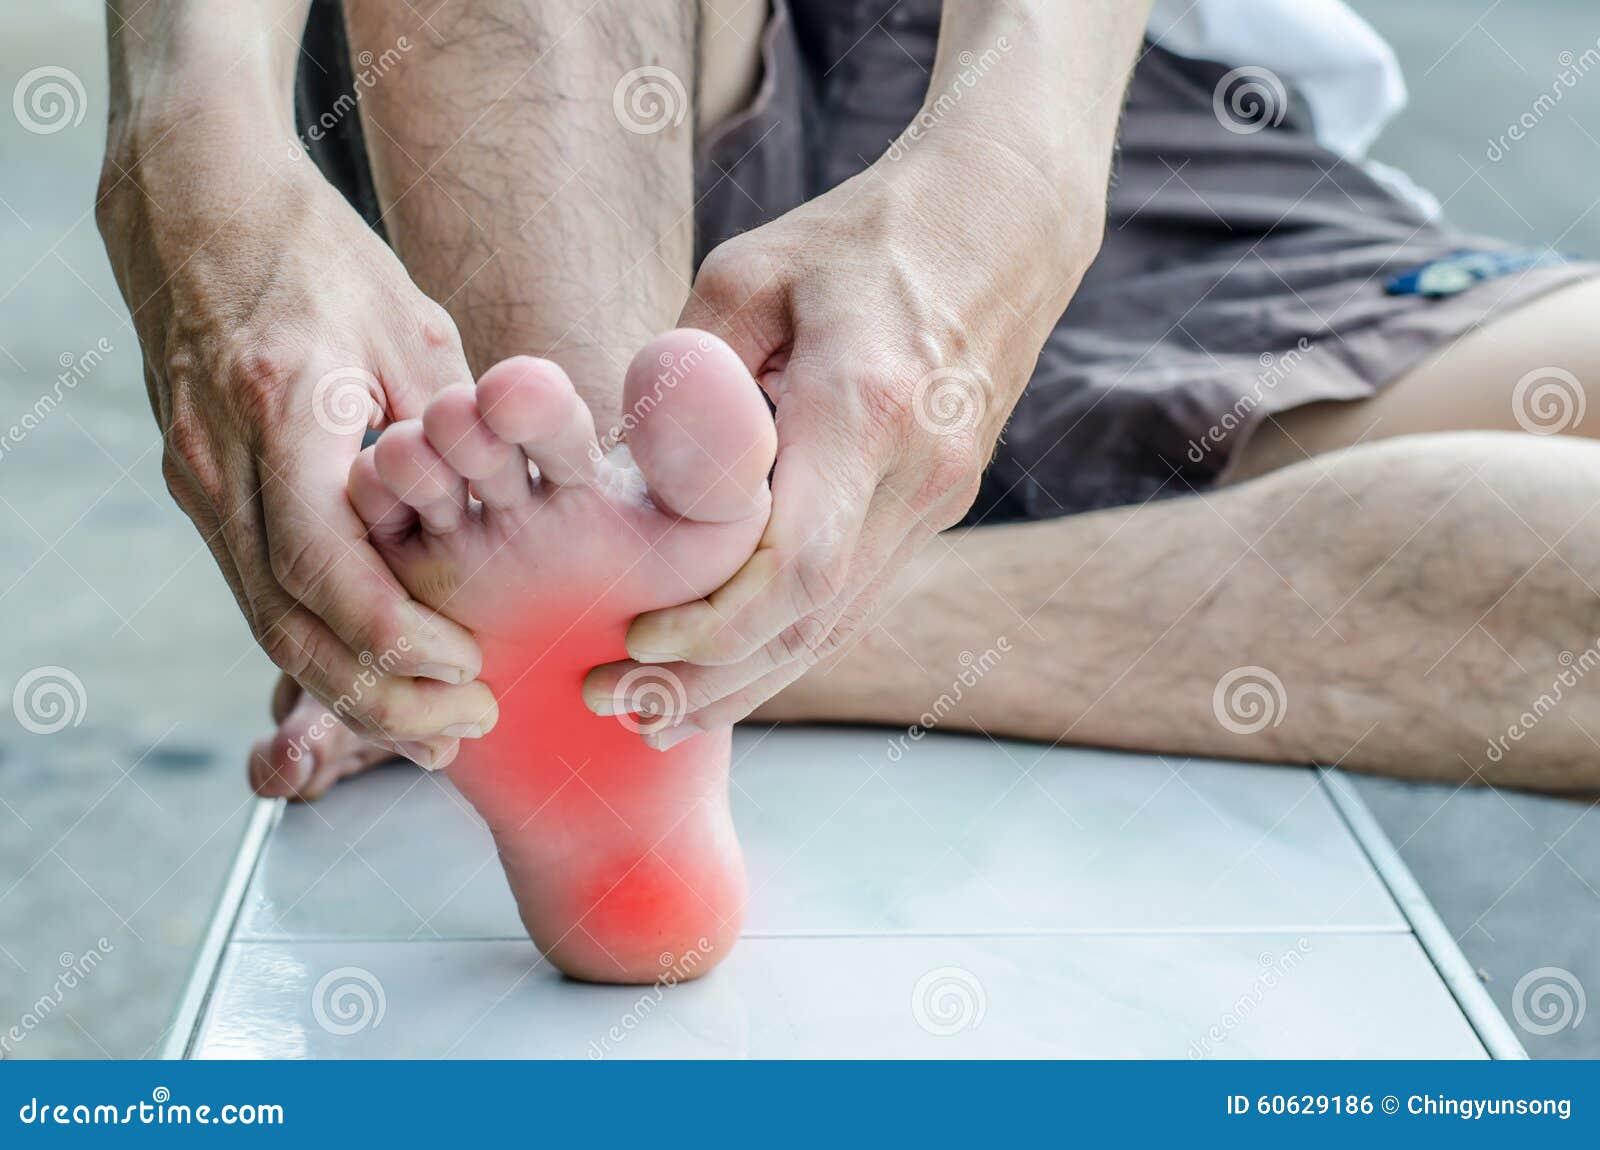 Резь между ногами, Болит сустав между ногой и пахом 27 фотография